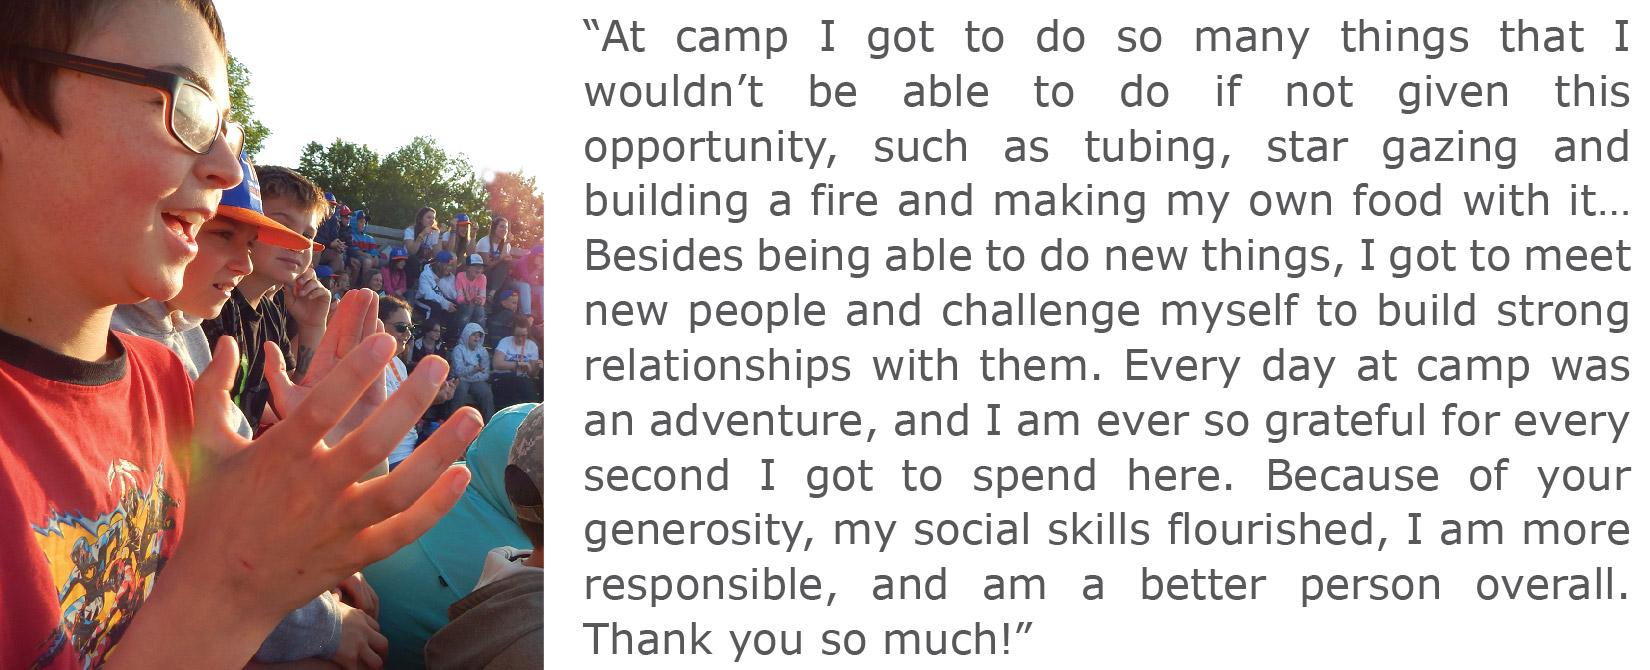 THCF camper at Camp Fire Area